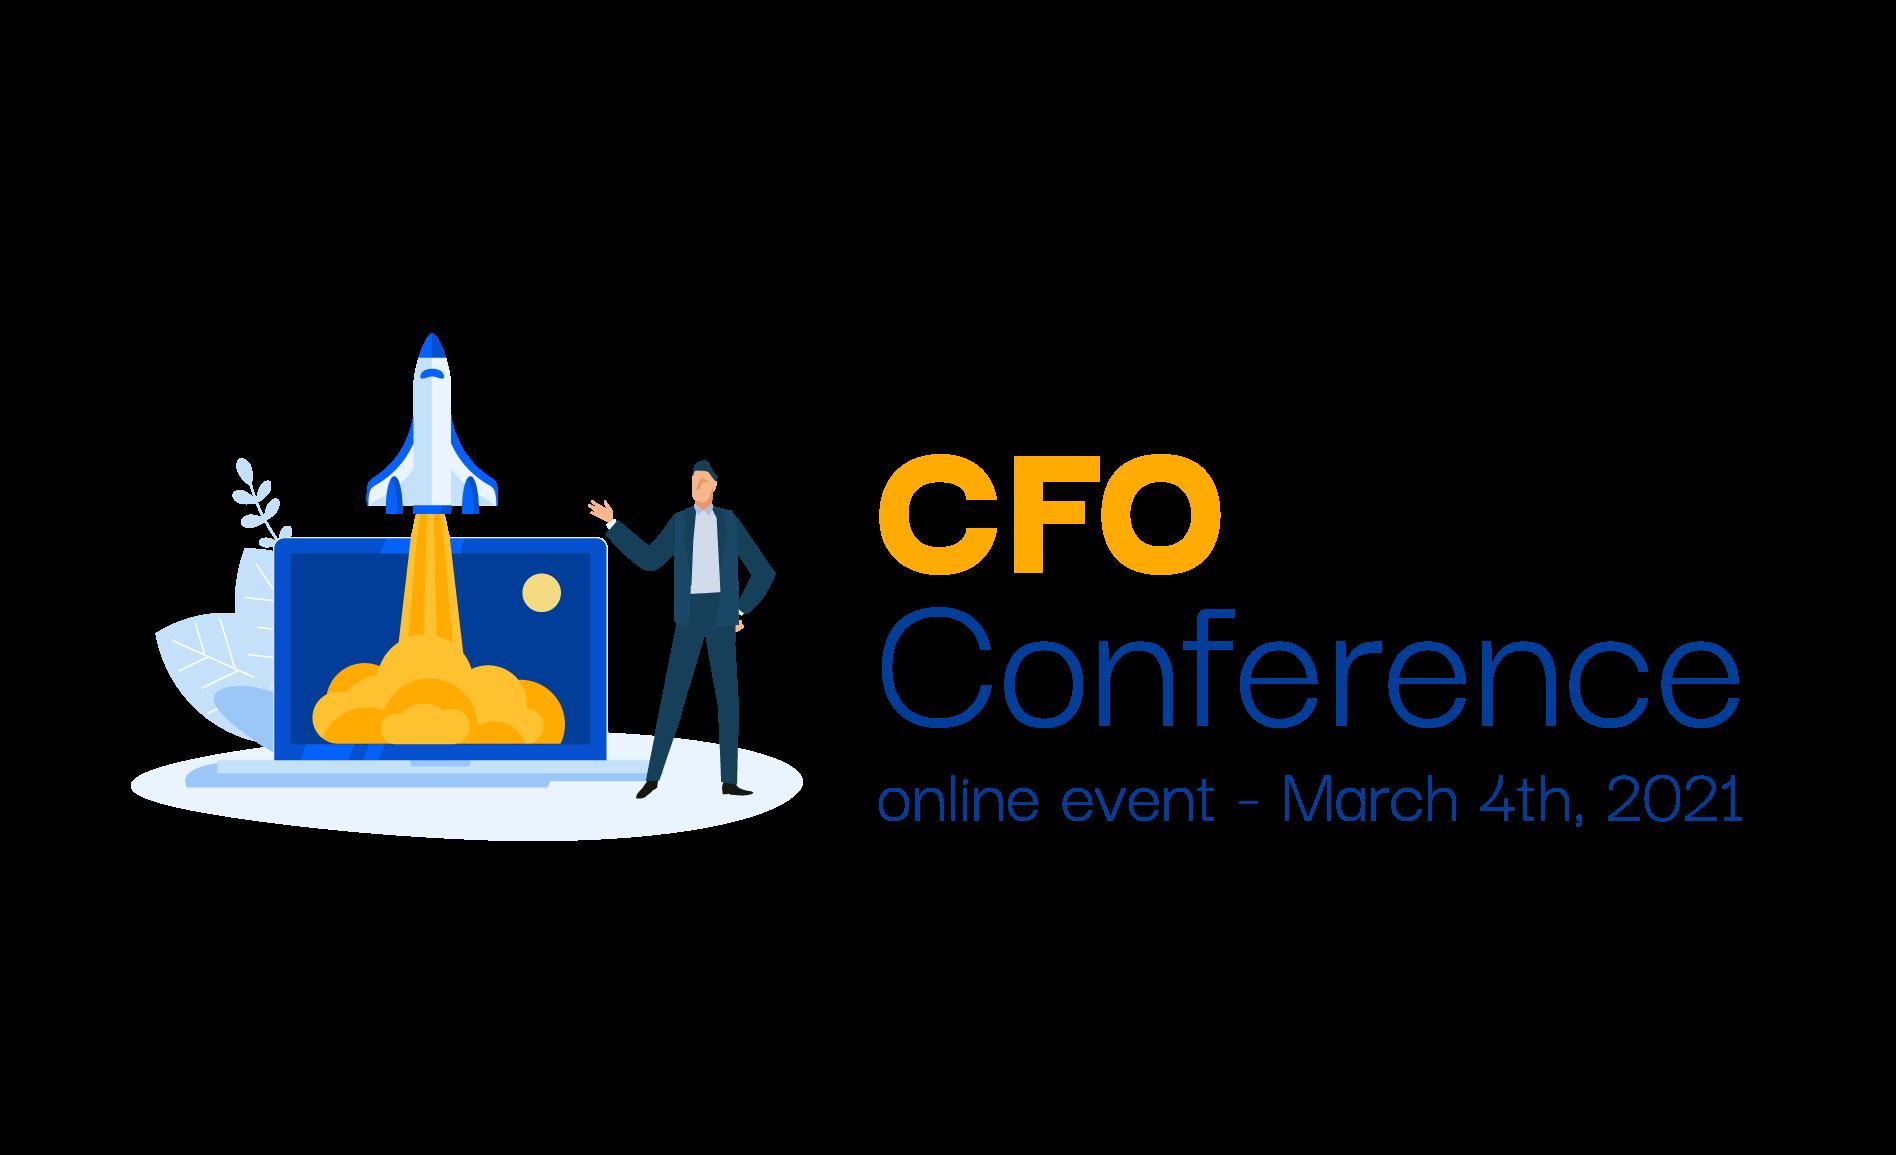 Pe 4 martie, discutăm despre rolul CFO-ului în organizație, la o nouă ediție a CFO Conference – eveniment online